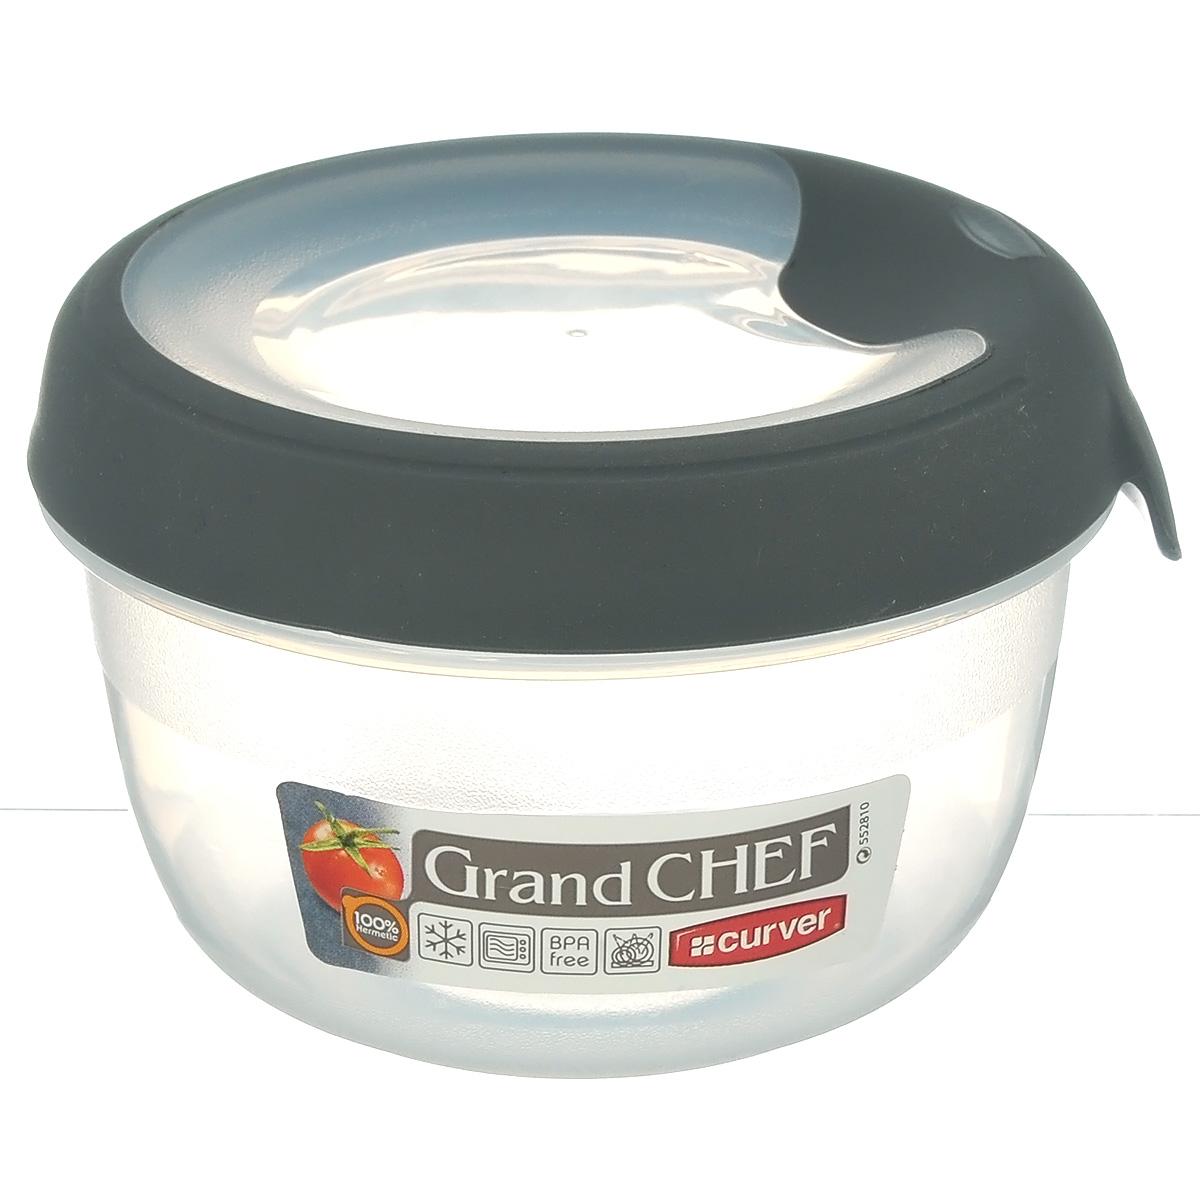 Емкость для заморозки и СВЧ Curver Grand Chef, цвет: серый, 0,25 л00018-673-00Круглая емкость для заморозки и СВЧ Grand Chef изготовлена из высококачественного пищевого пластика (BPA free), который выдерживает температуру от -40°С до +100°С. Стенки емкости и крышка прозрачные. Крышка по краю оснащена силиконовой вставкой, благодаря которой плотно и герметично закрывается, дольше сохраняя продукты свежими и вкусными. Емкость удобно брать с собой на работу, пикник, дачу, в поход или просто использовать для хранения пищи в холодильнике. Можно использовать в микроволновой печи и для заморозки в морозильной камере. Можно мыть в посудомоечной машине.